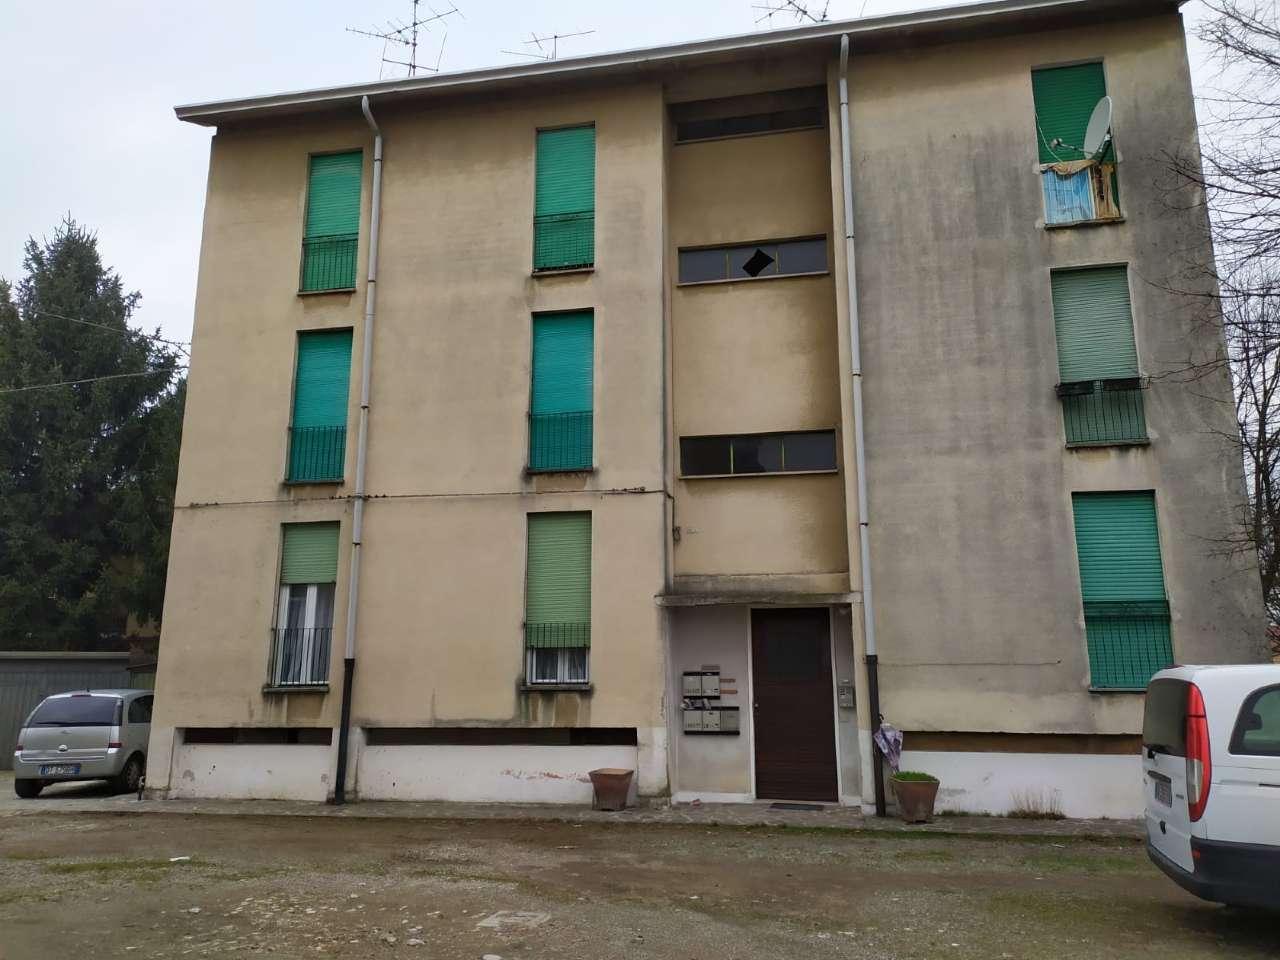 Appartamento in vendita a Magnago, 3 locali, prezzo € 35.000   PortaleAgenzieImmobiliari.it